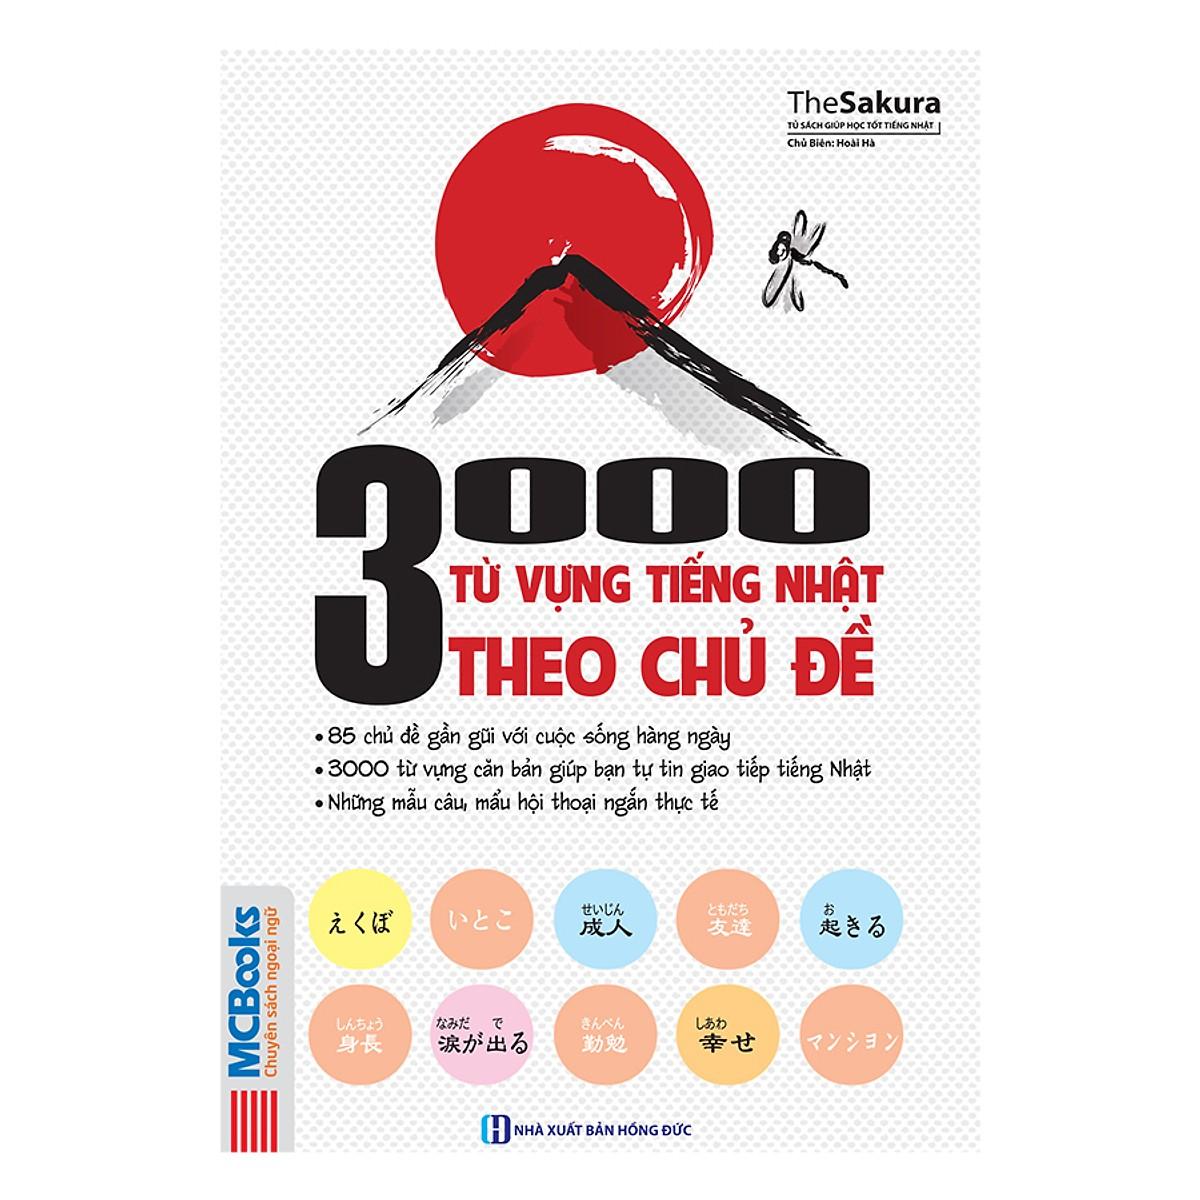 3000 Từ Vựng Tiếng Nhật Theo Chủ Đề Tặng Kèm Postcard Những Câu nói Hay của Người Nổi Tiếng